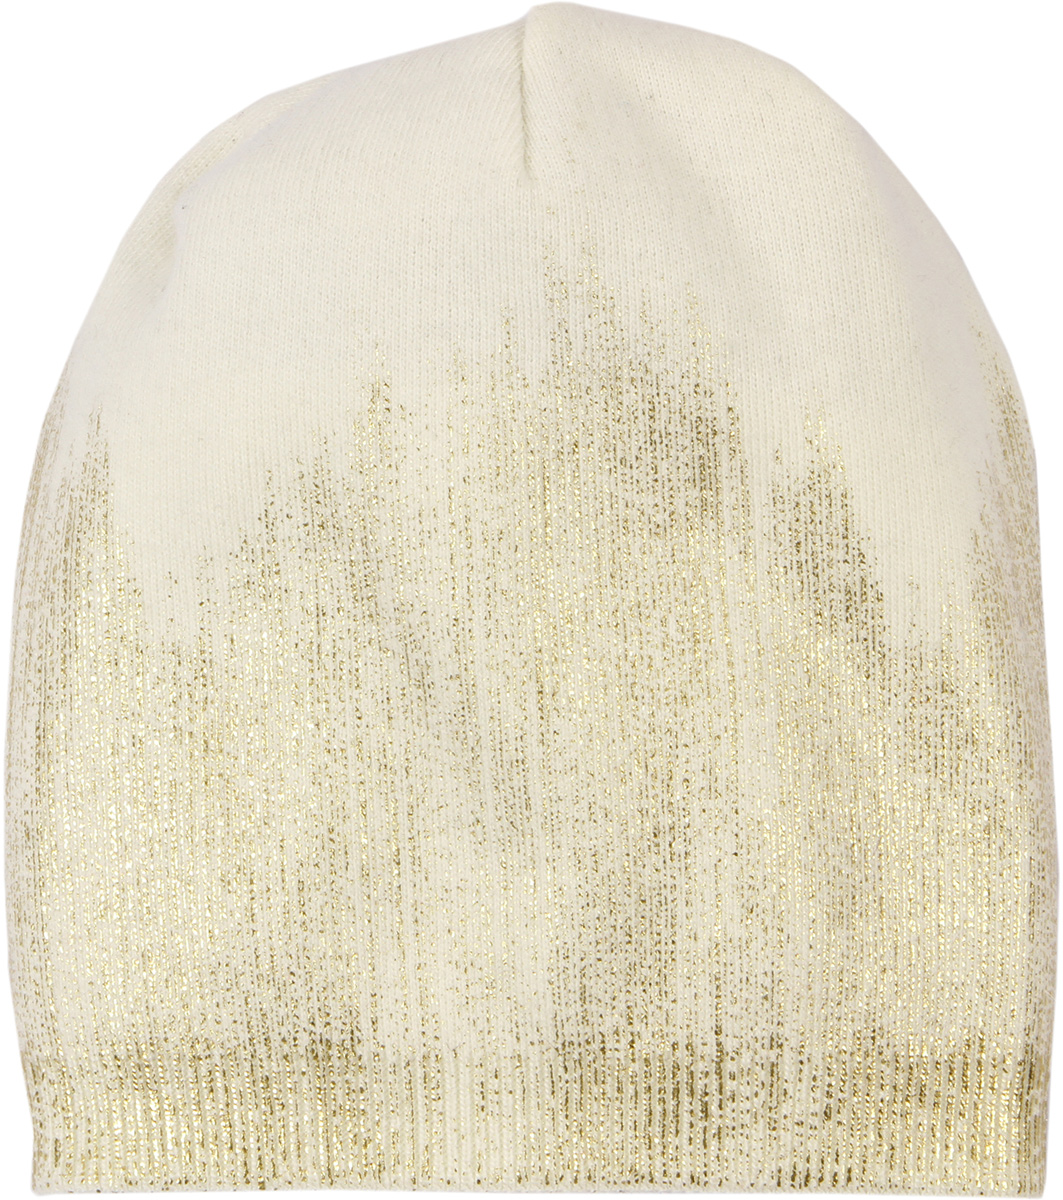 Шапка женская Модные истории, цвет: белый. 4/0055/001. Размер универсальный4/0055/001Яркая стильная женская шапка с геоморфным блестящим рисунком, выполненным в технике фольгированной накатки.